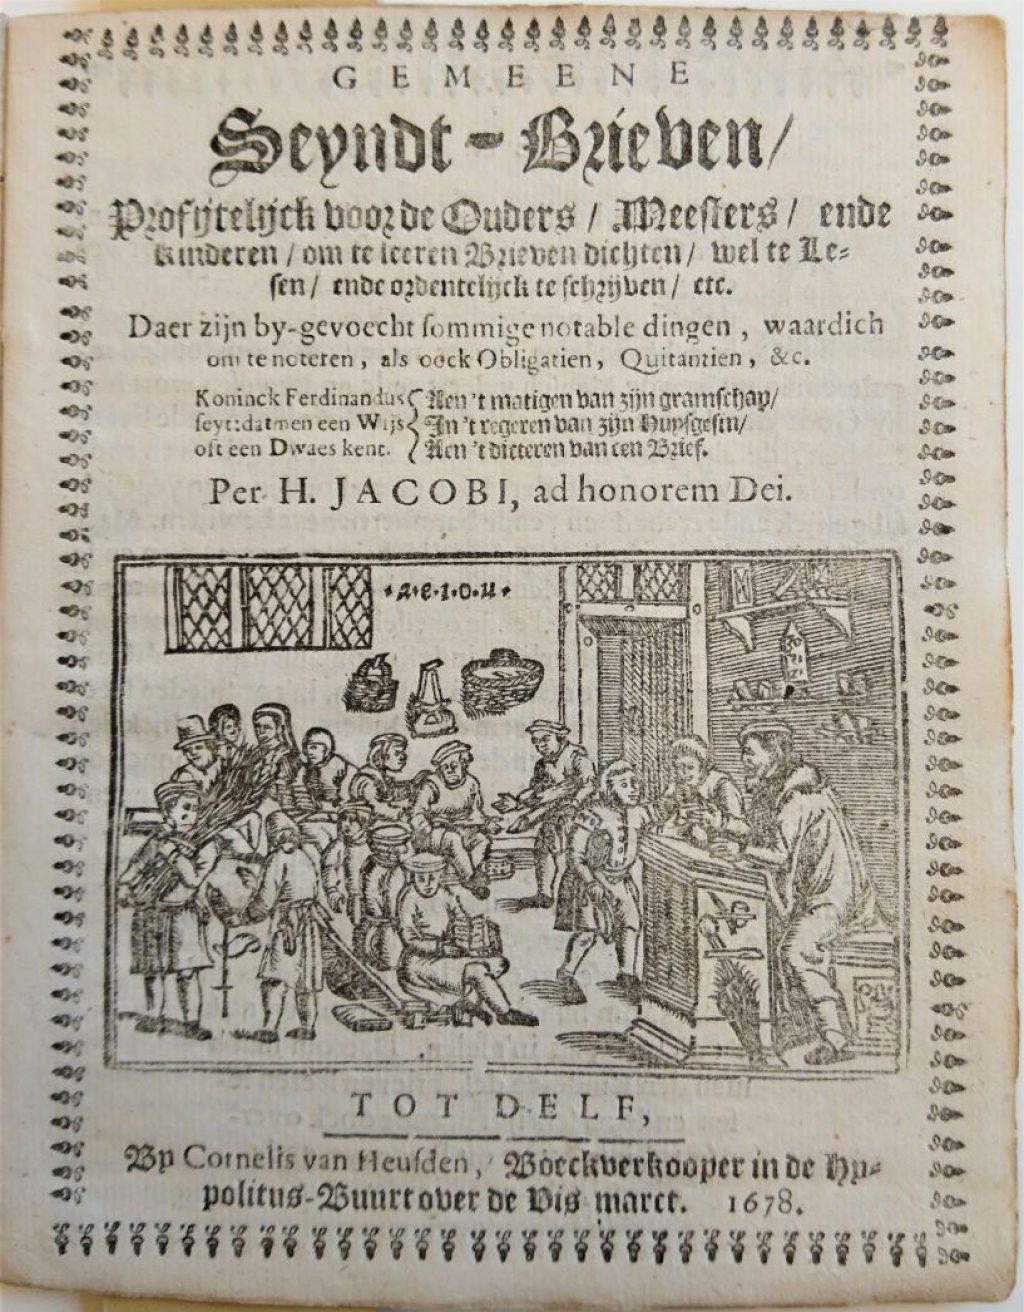 Gravure van een schoollokaal op de titelpagina van een in Delft gedrukt boekje, 1678. (Bibliotheek)